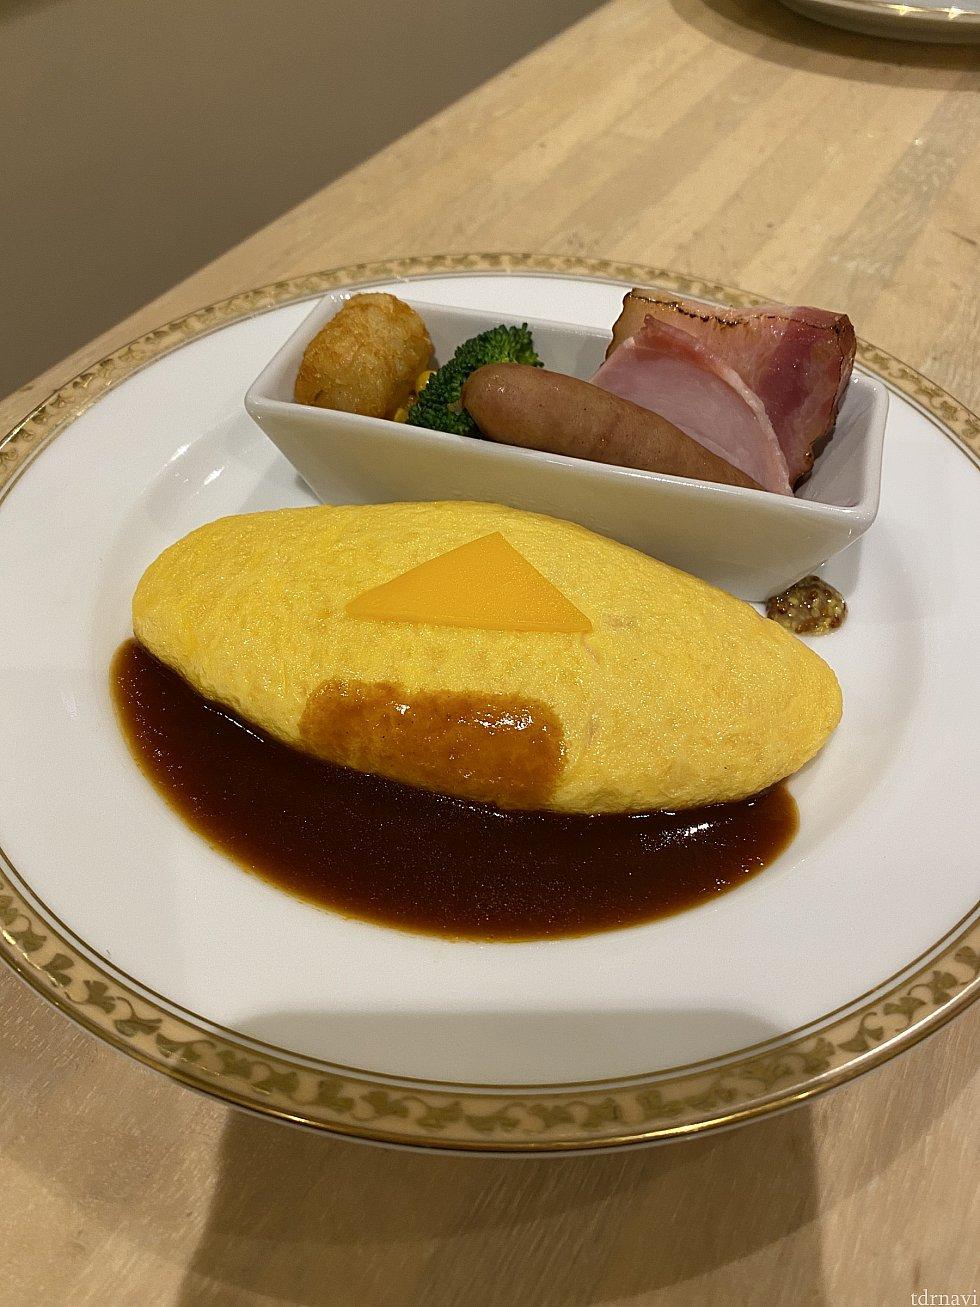 選べる卵料理。こちらはチーズオムレツ。デミグラスソースにしていただきました。